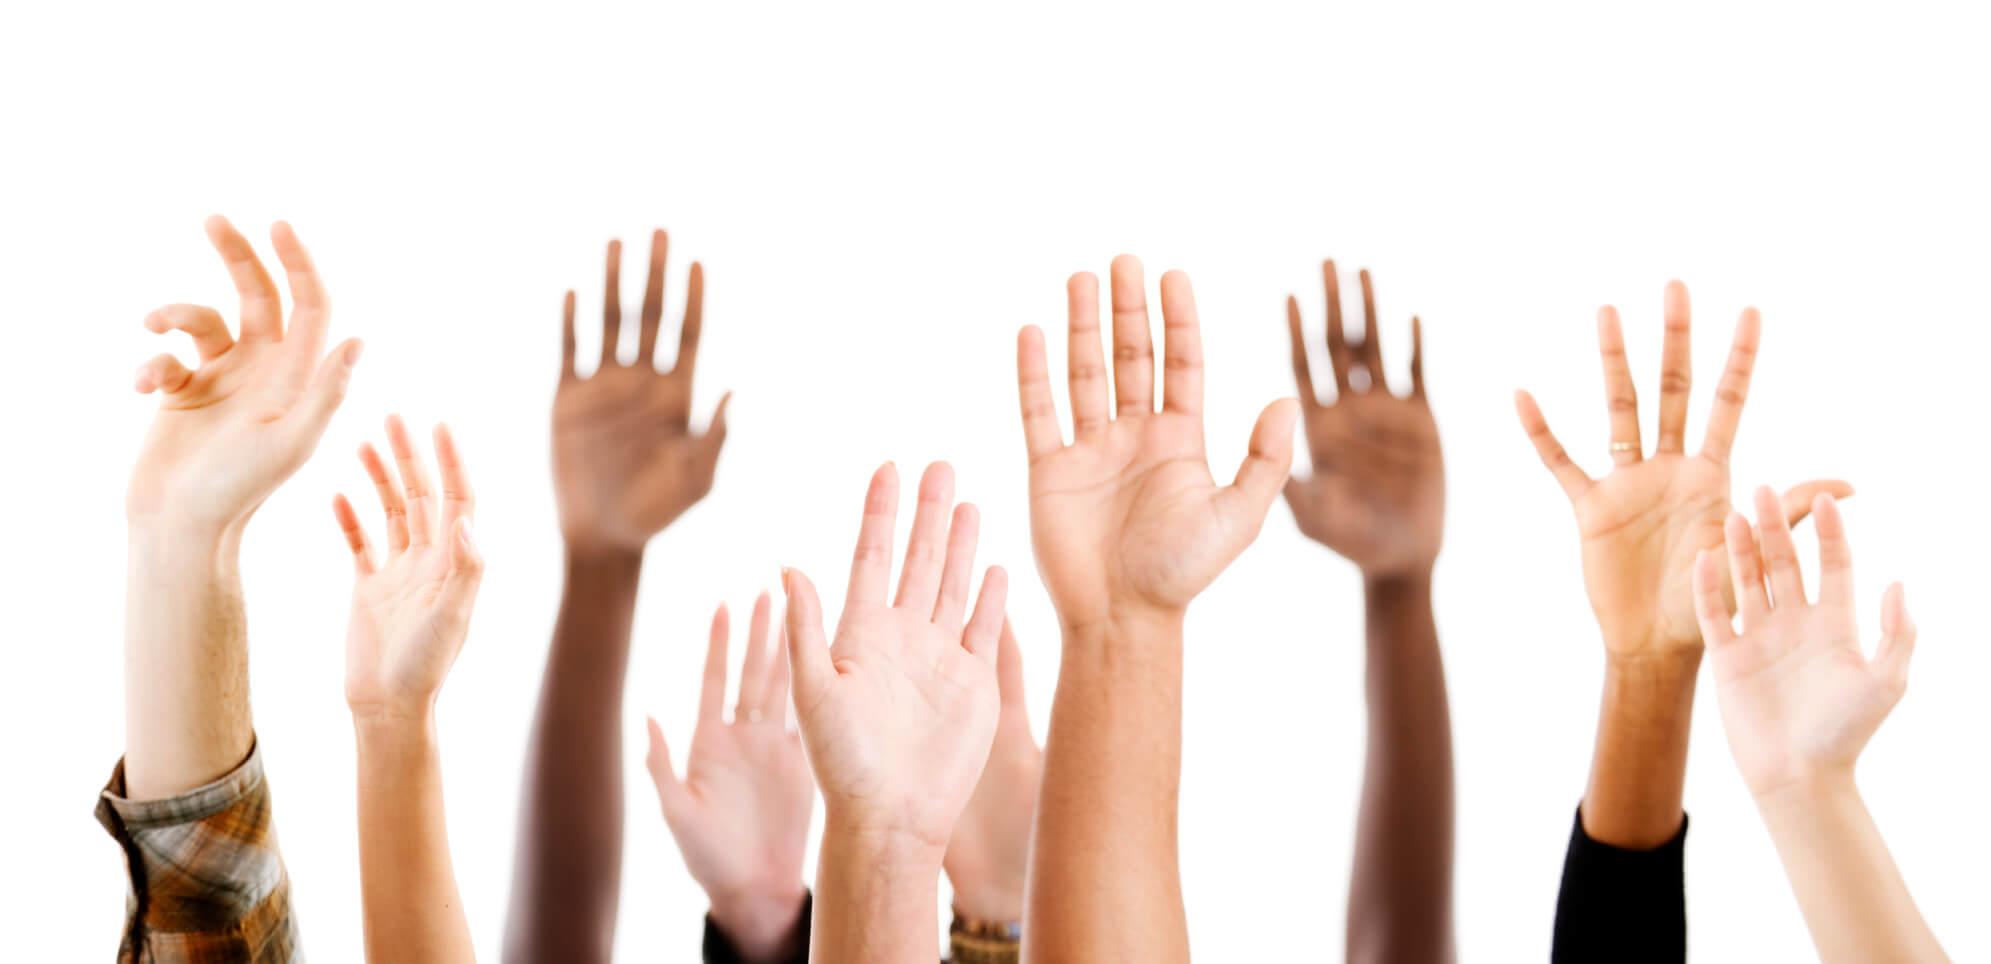 Fundacancer - Voluntariado